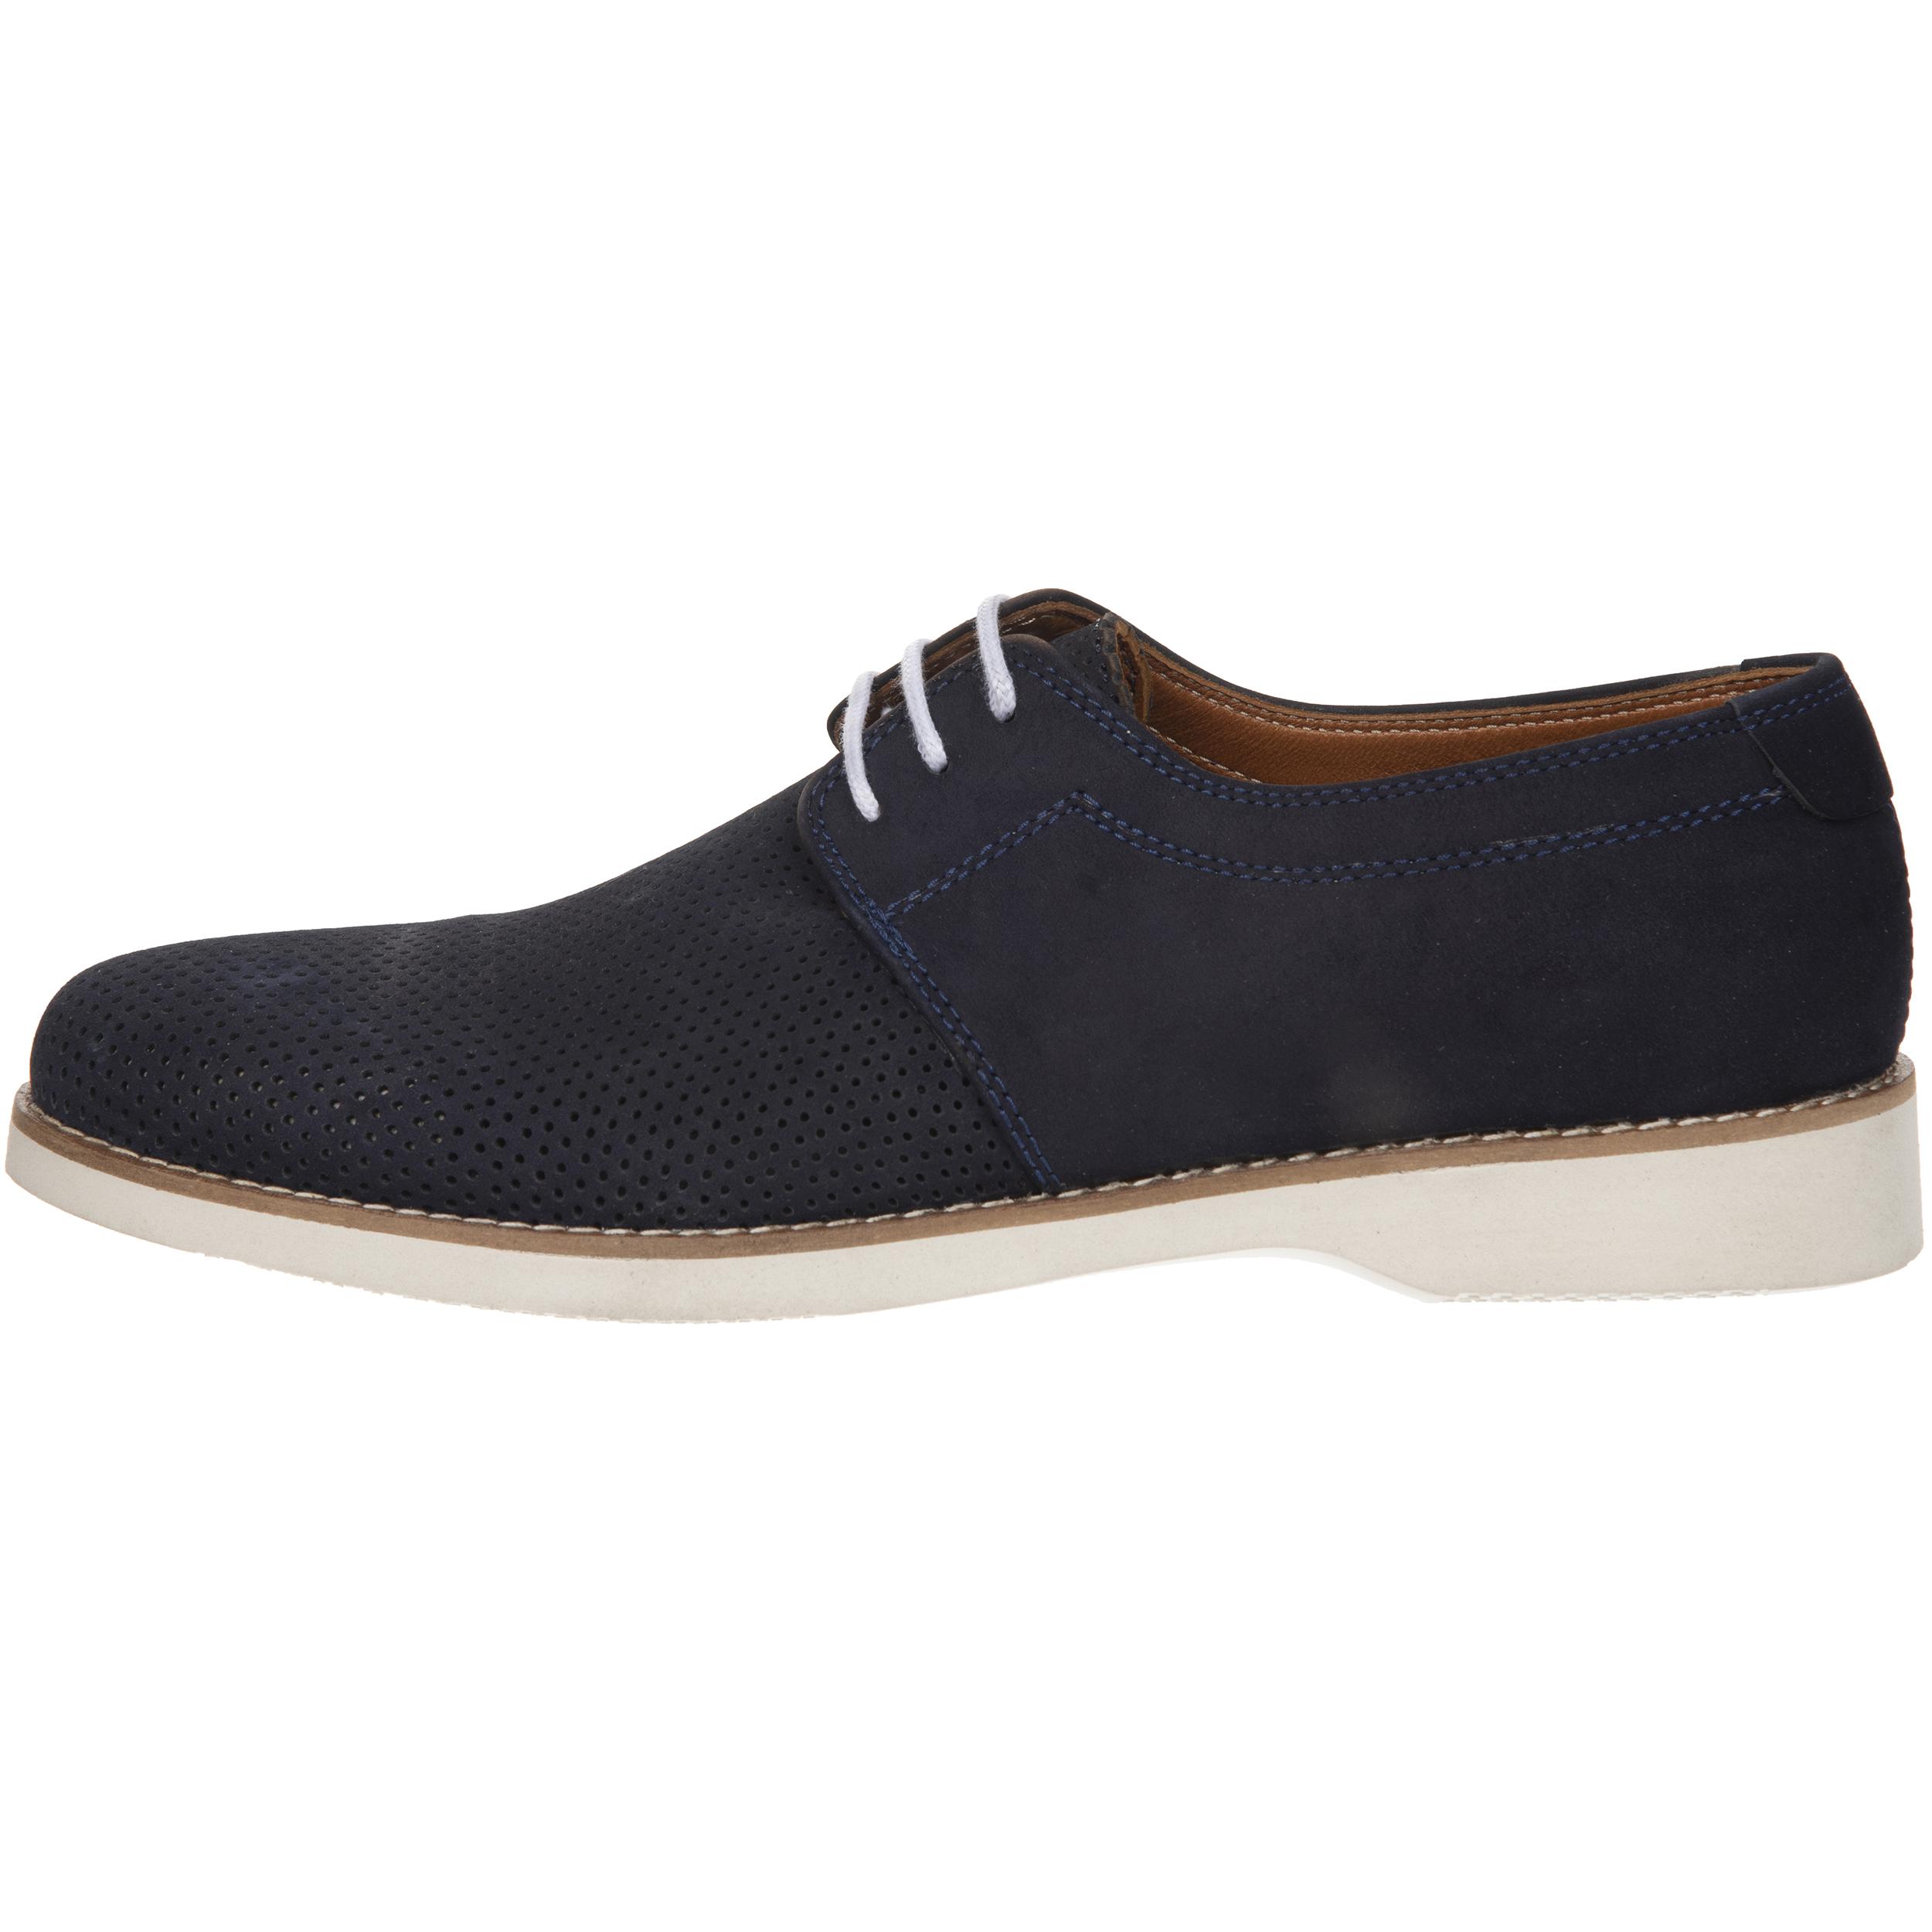 کفش مردانه پانیسا مدل 502-21